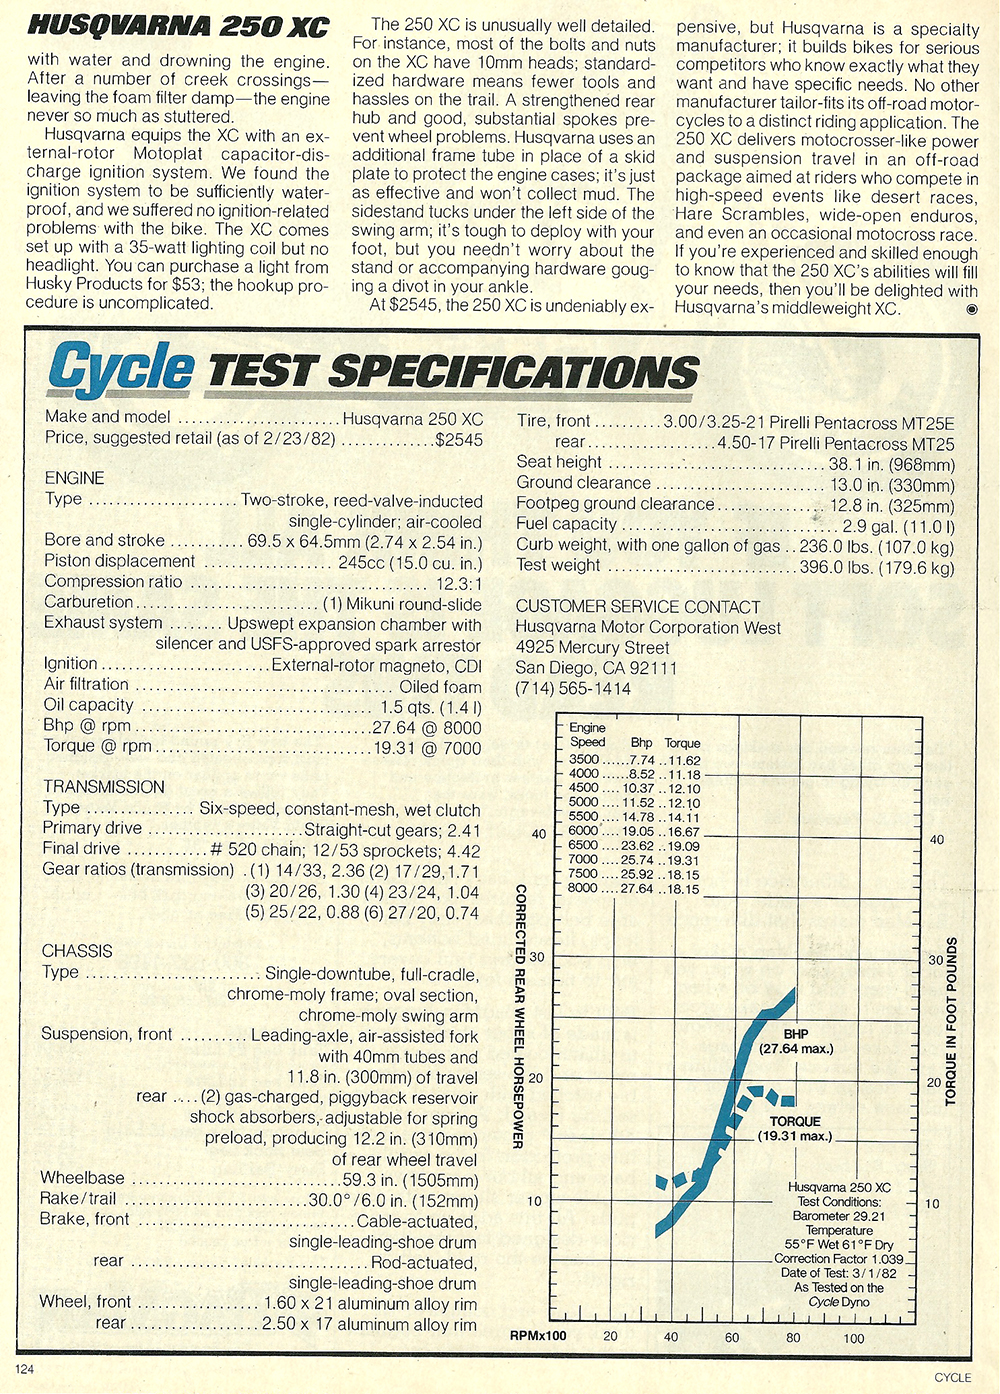 1982 Husqvarna 250 XC road test 7.jpg